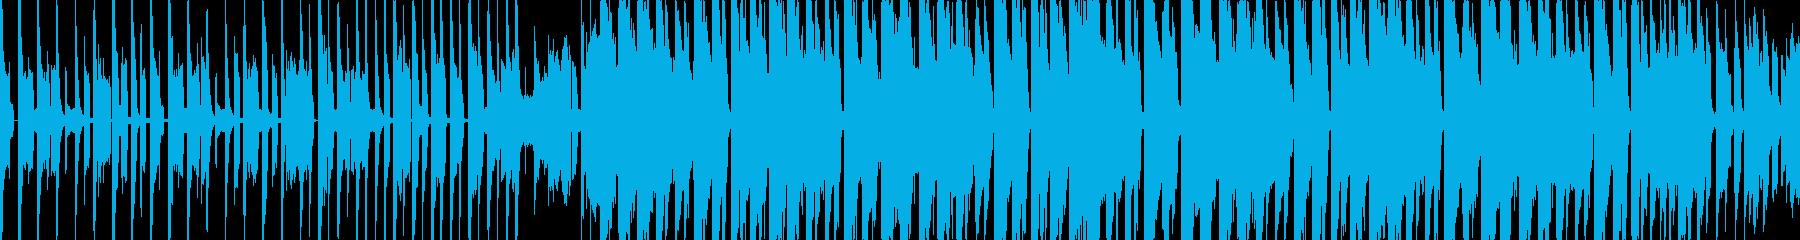 かわいいきゃっちーなテクノポップの再生済みの波形